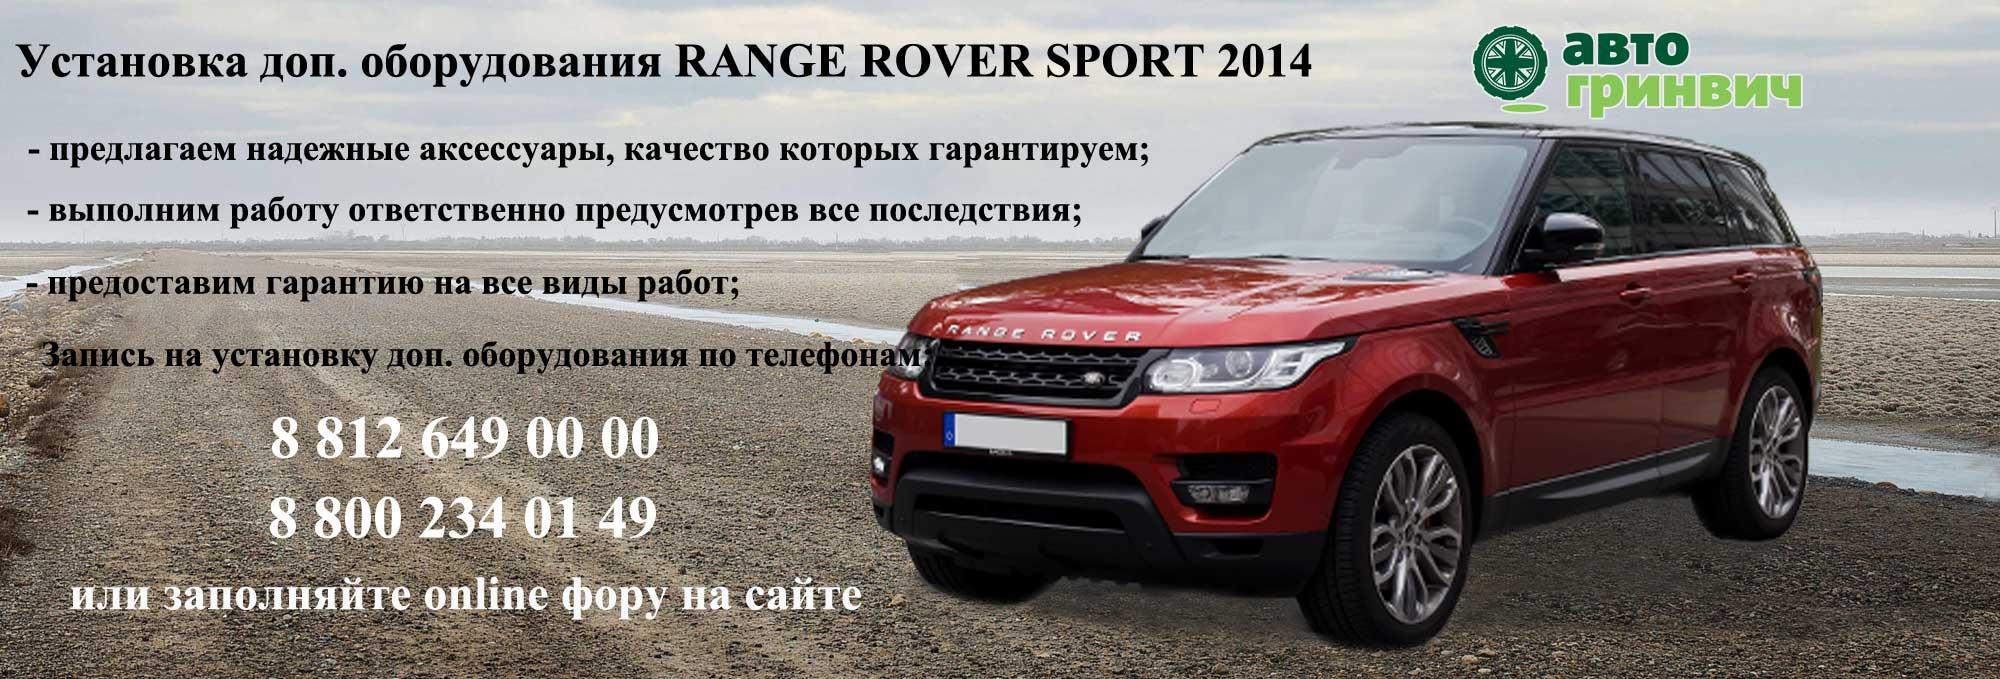 Установка доп. оборудования Range Rover Sport 2014